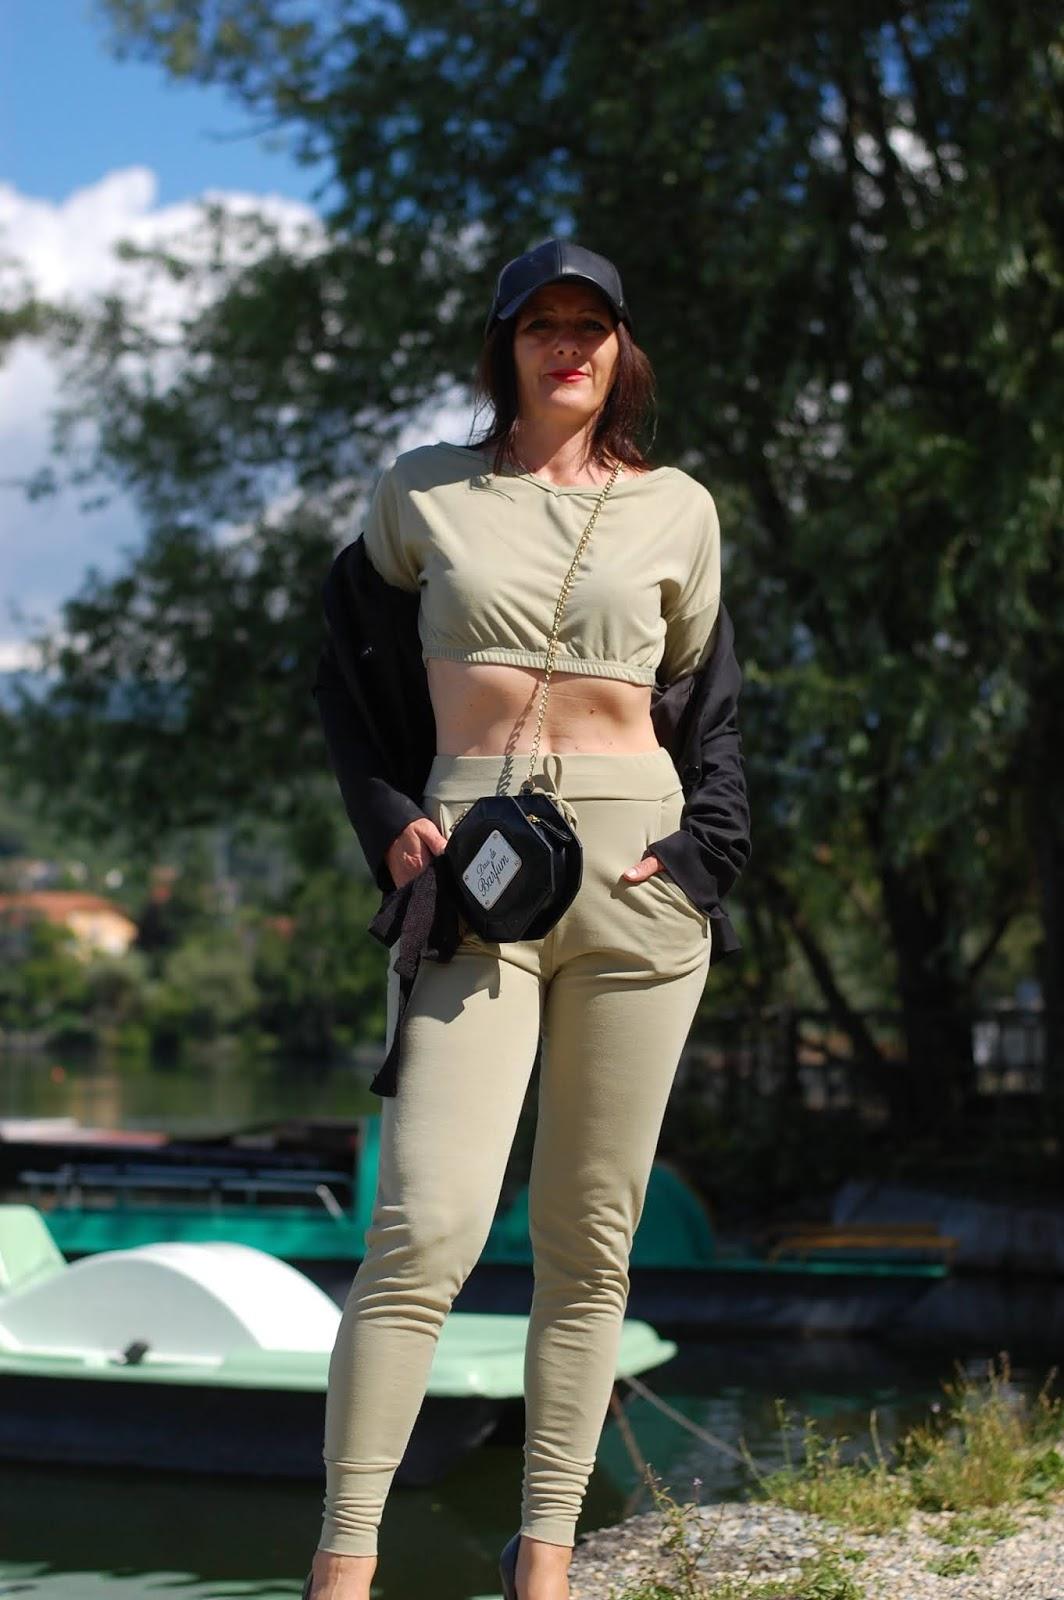 circoli privati italia blogger